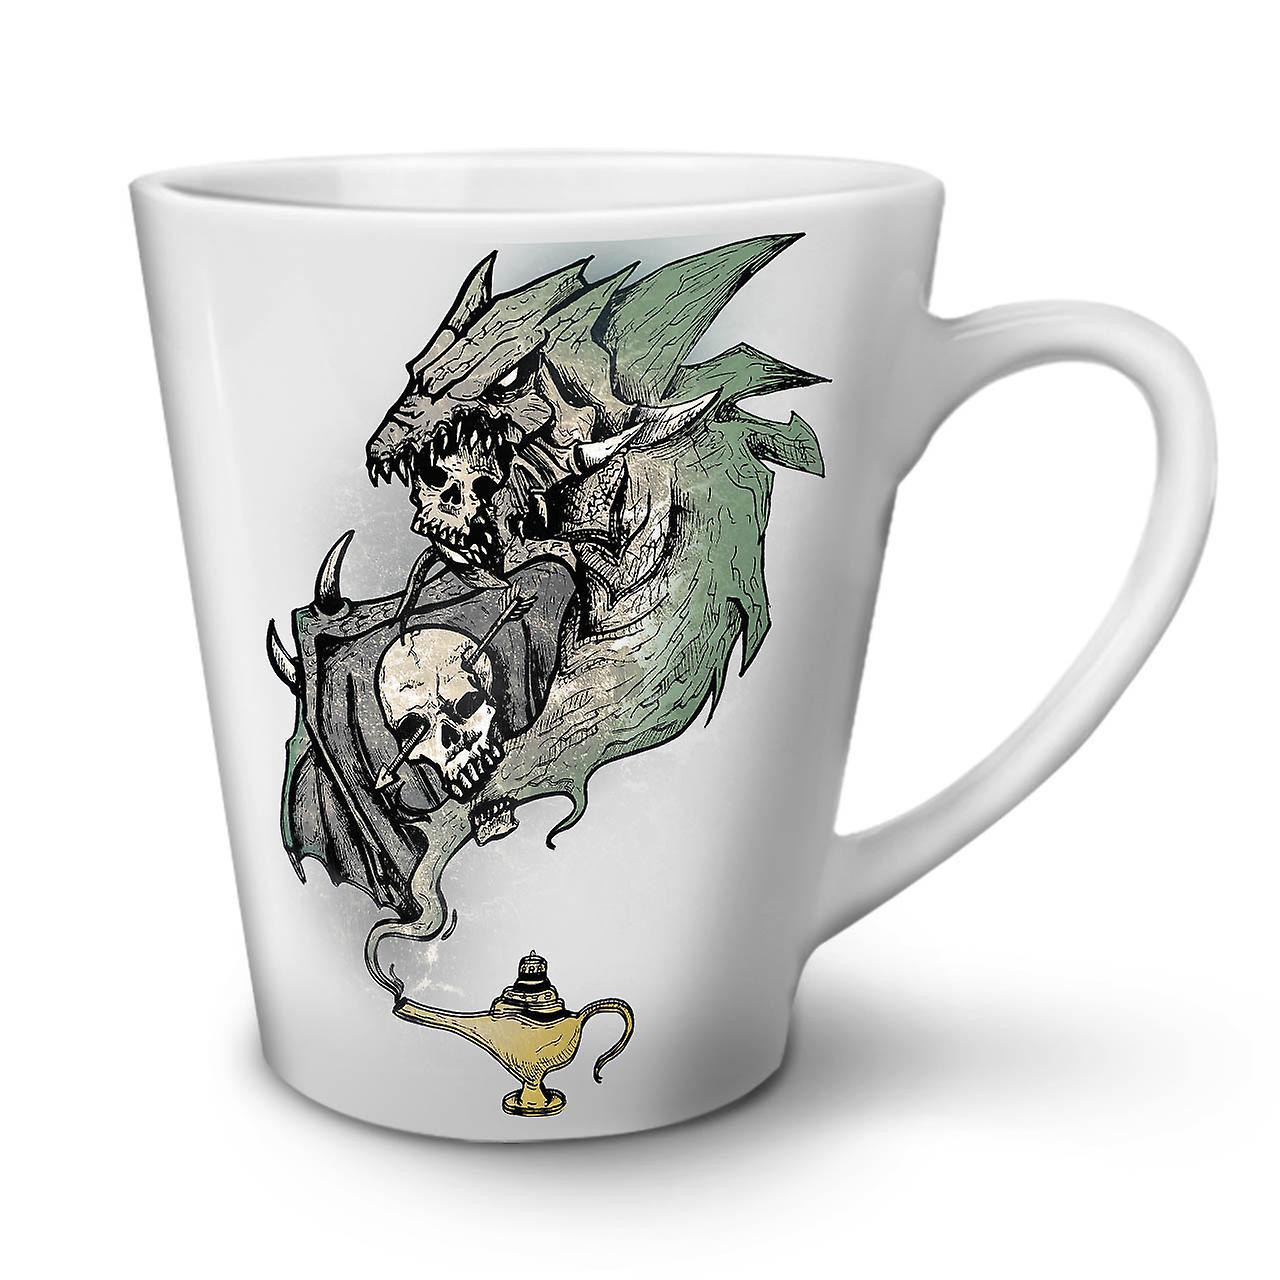 Crâne En Blanche Café Tasse Mystique 12 Céramique Latte Jin OzWellcoda Nouvelle pSMLqUVGjz